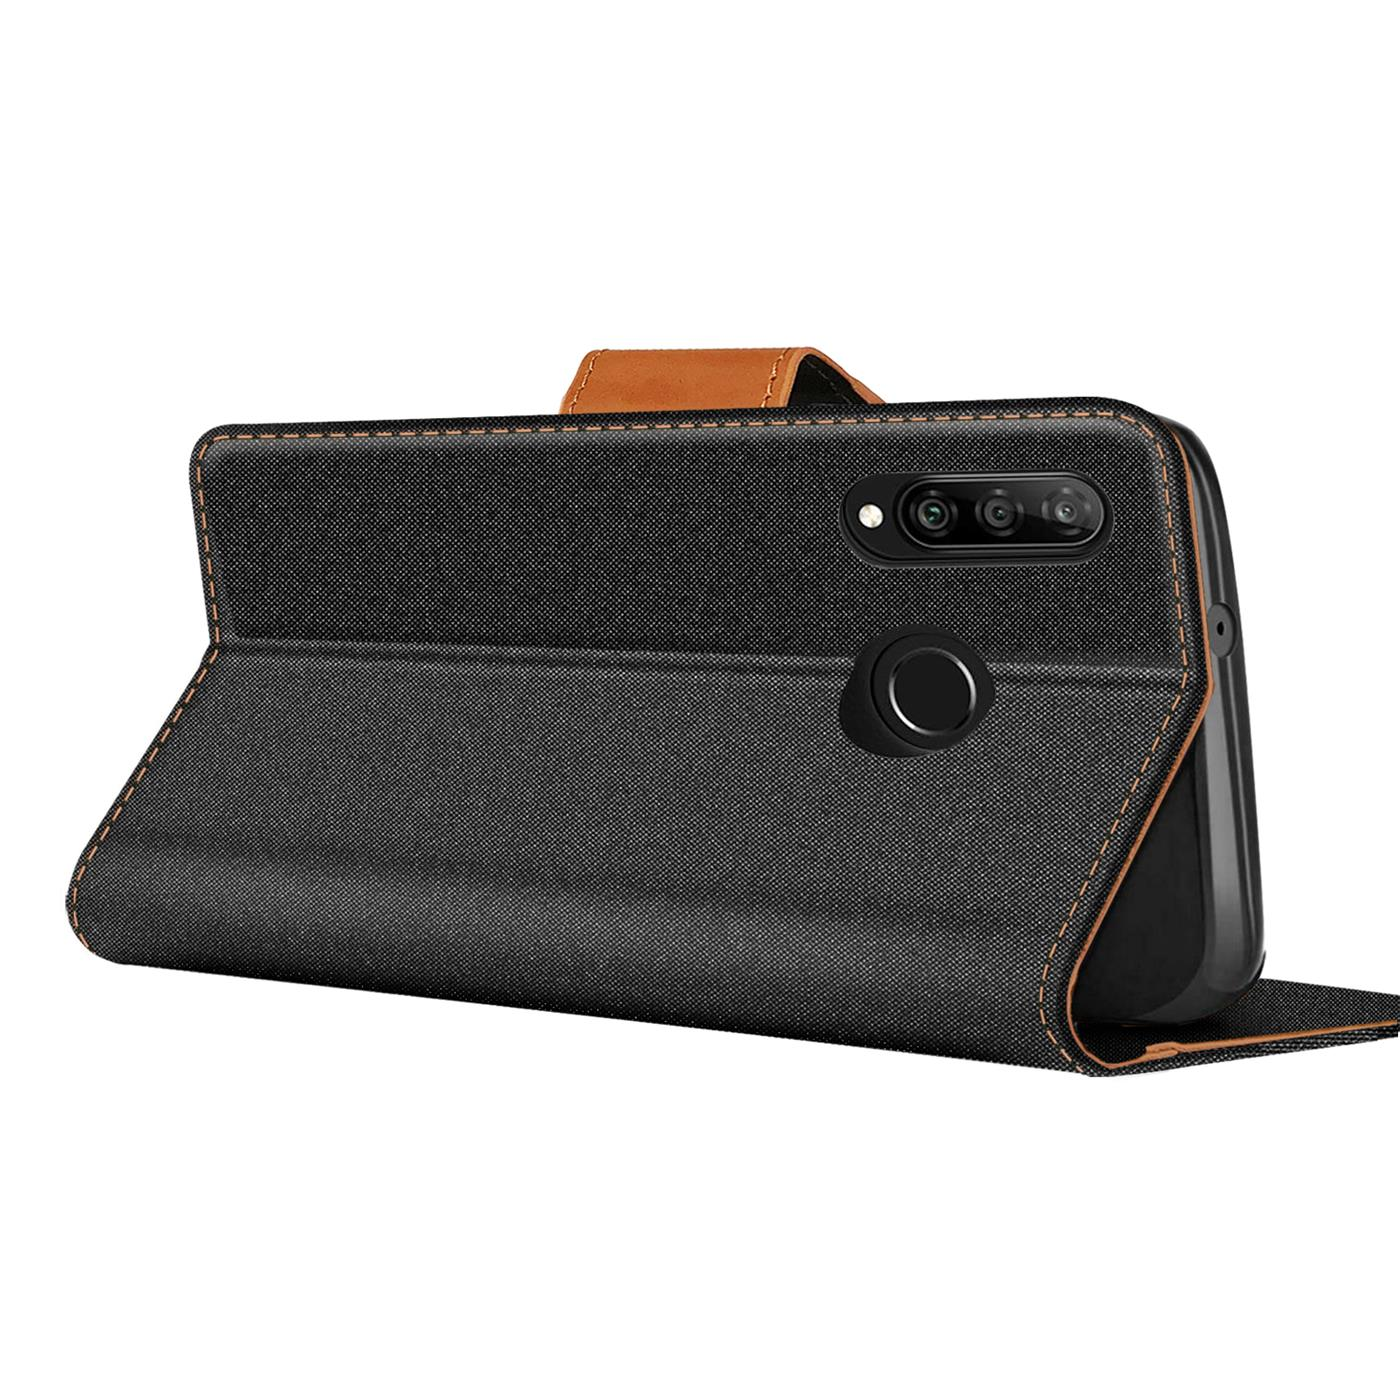 Schutzhuelle-Handy-Huelle-Flip-Case-Klapp-Tasche-Book-Case-Cover-Handyhuelle-Etui Indexbild 13